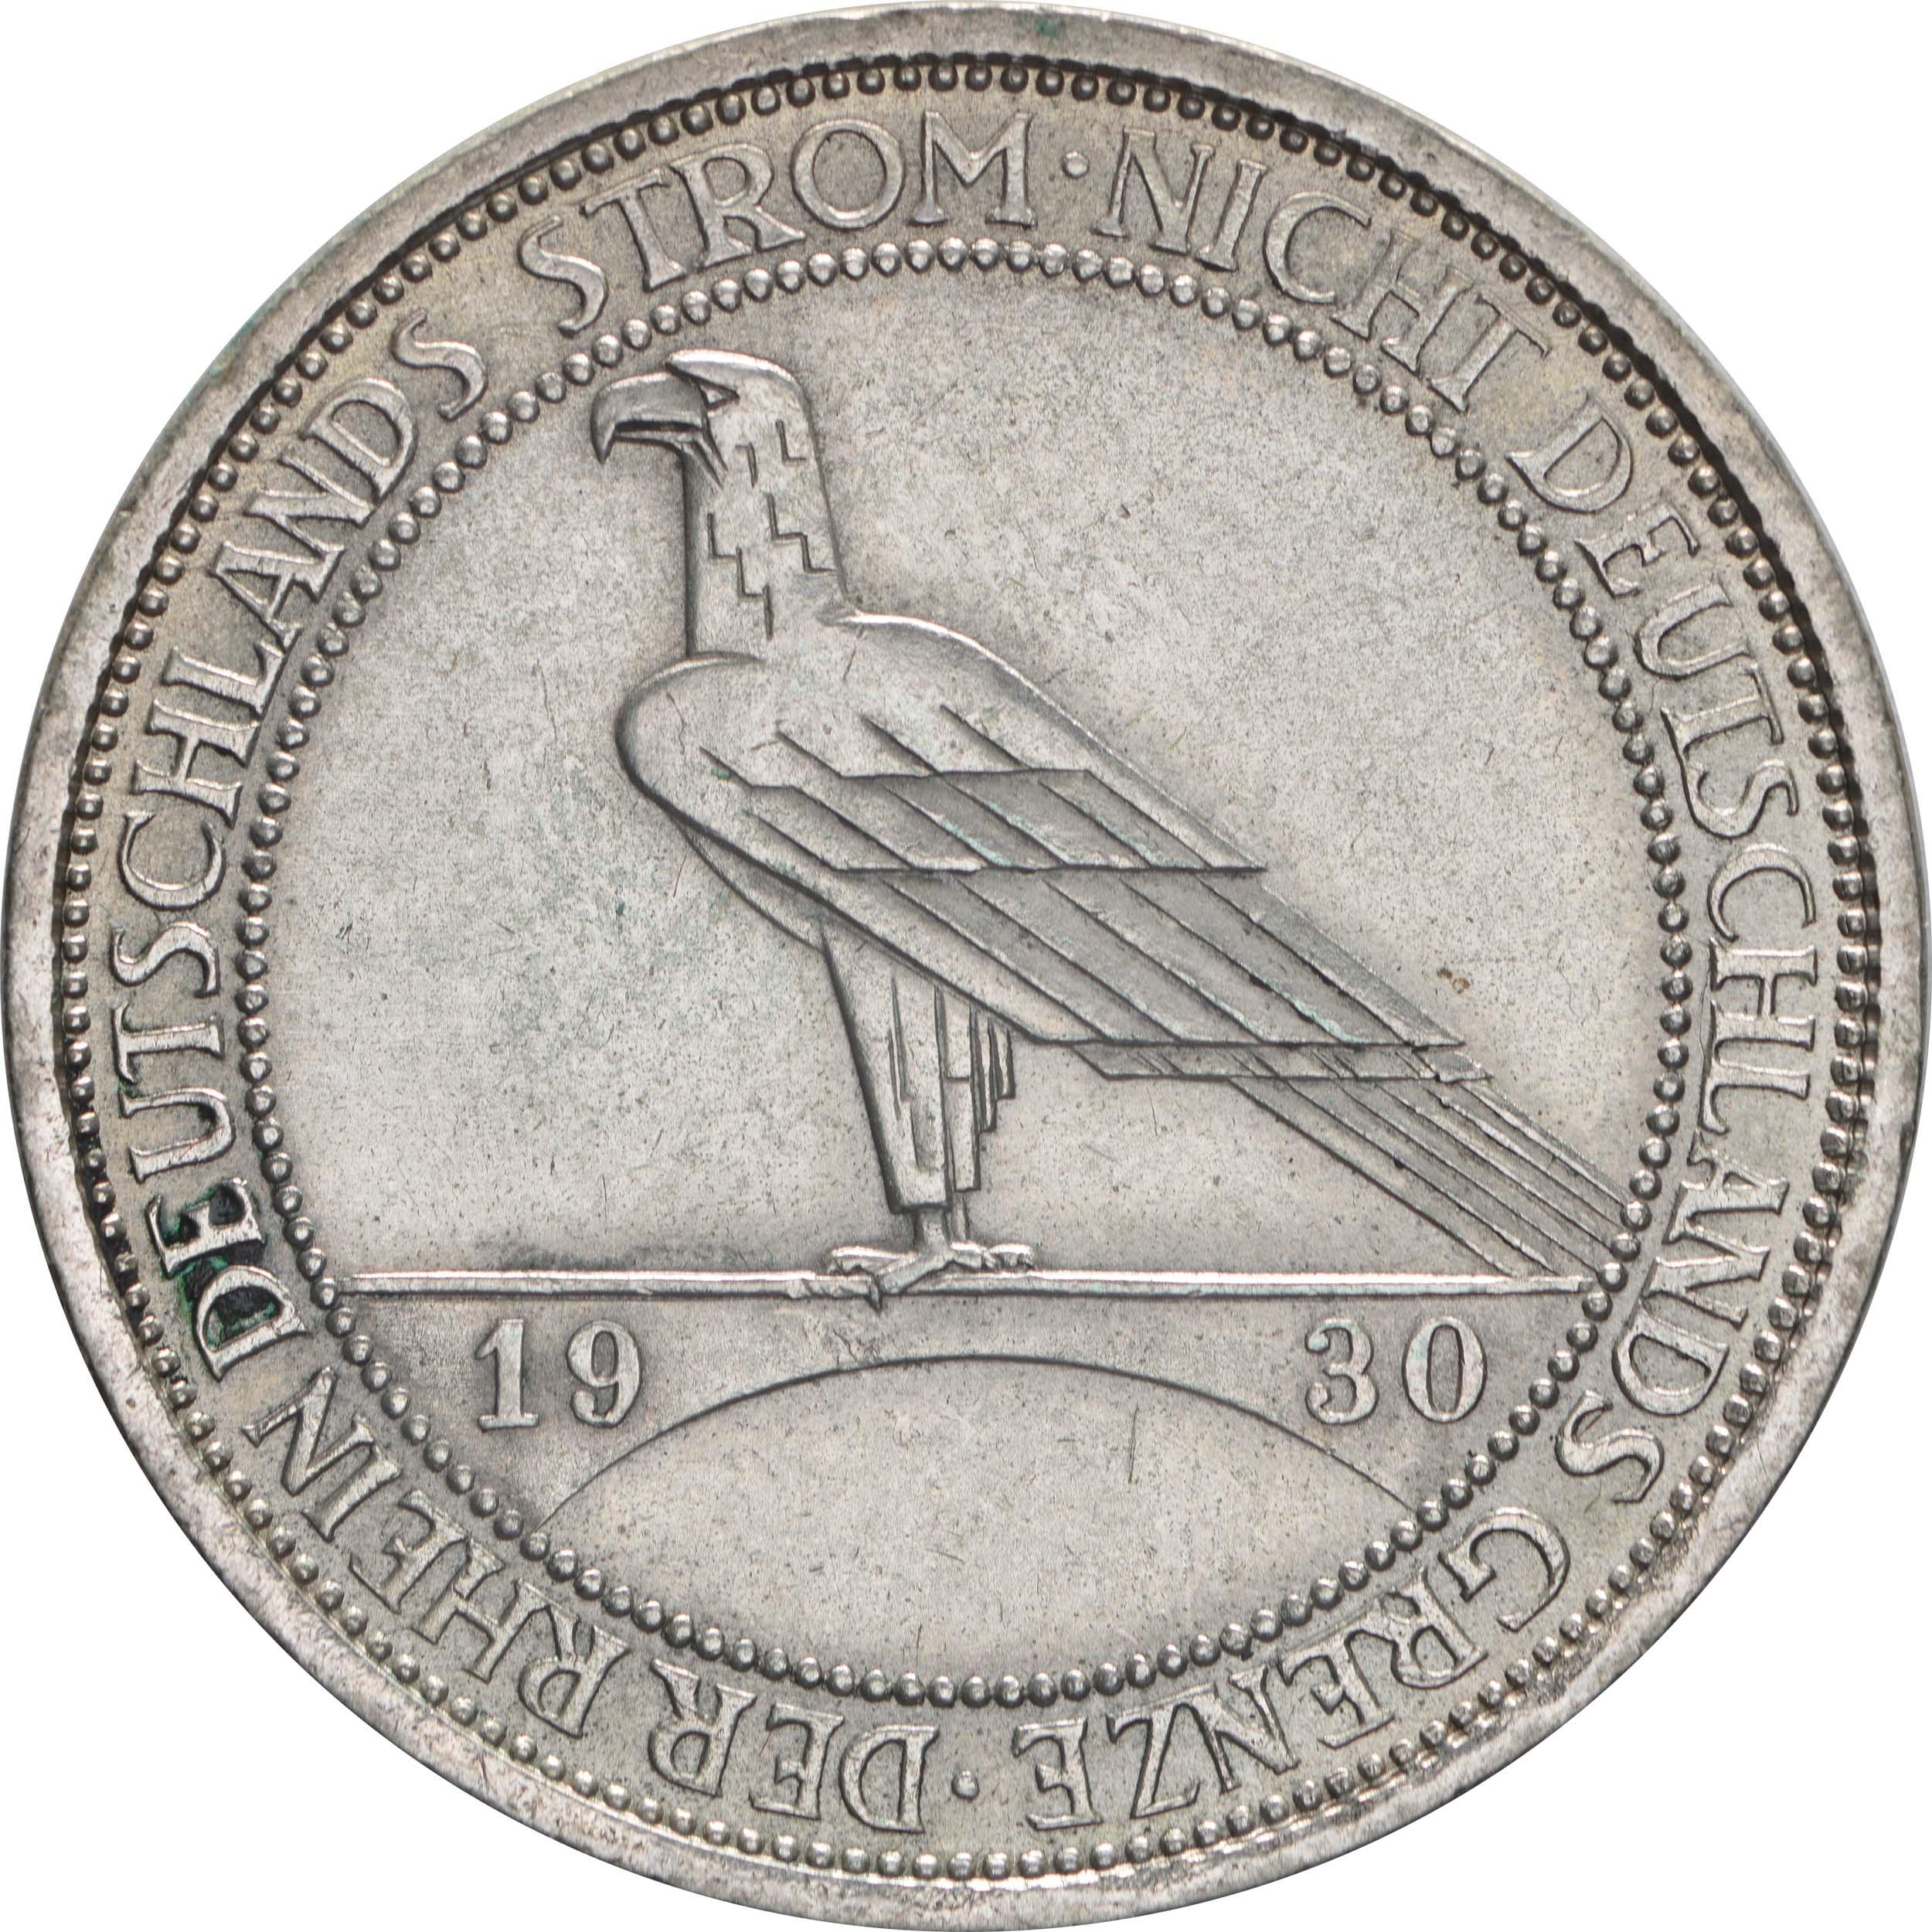 deutschland 3 reichsmark rheinlandraeumung 1930 a silber vz euro. Black Bedroom Furniture Sets. Home Design Ideas